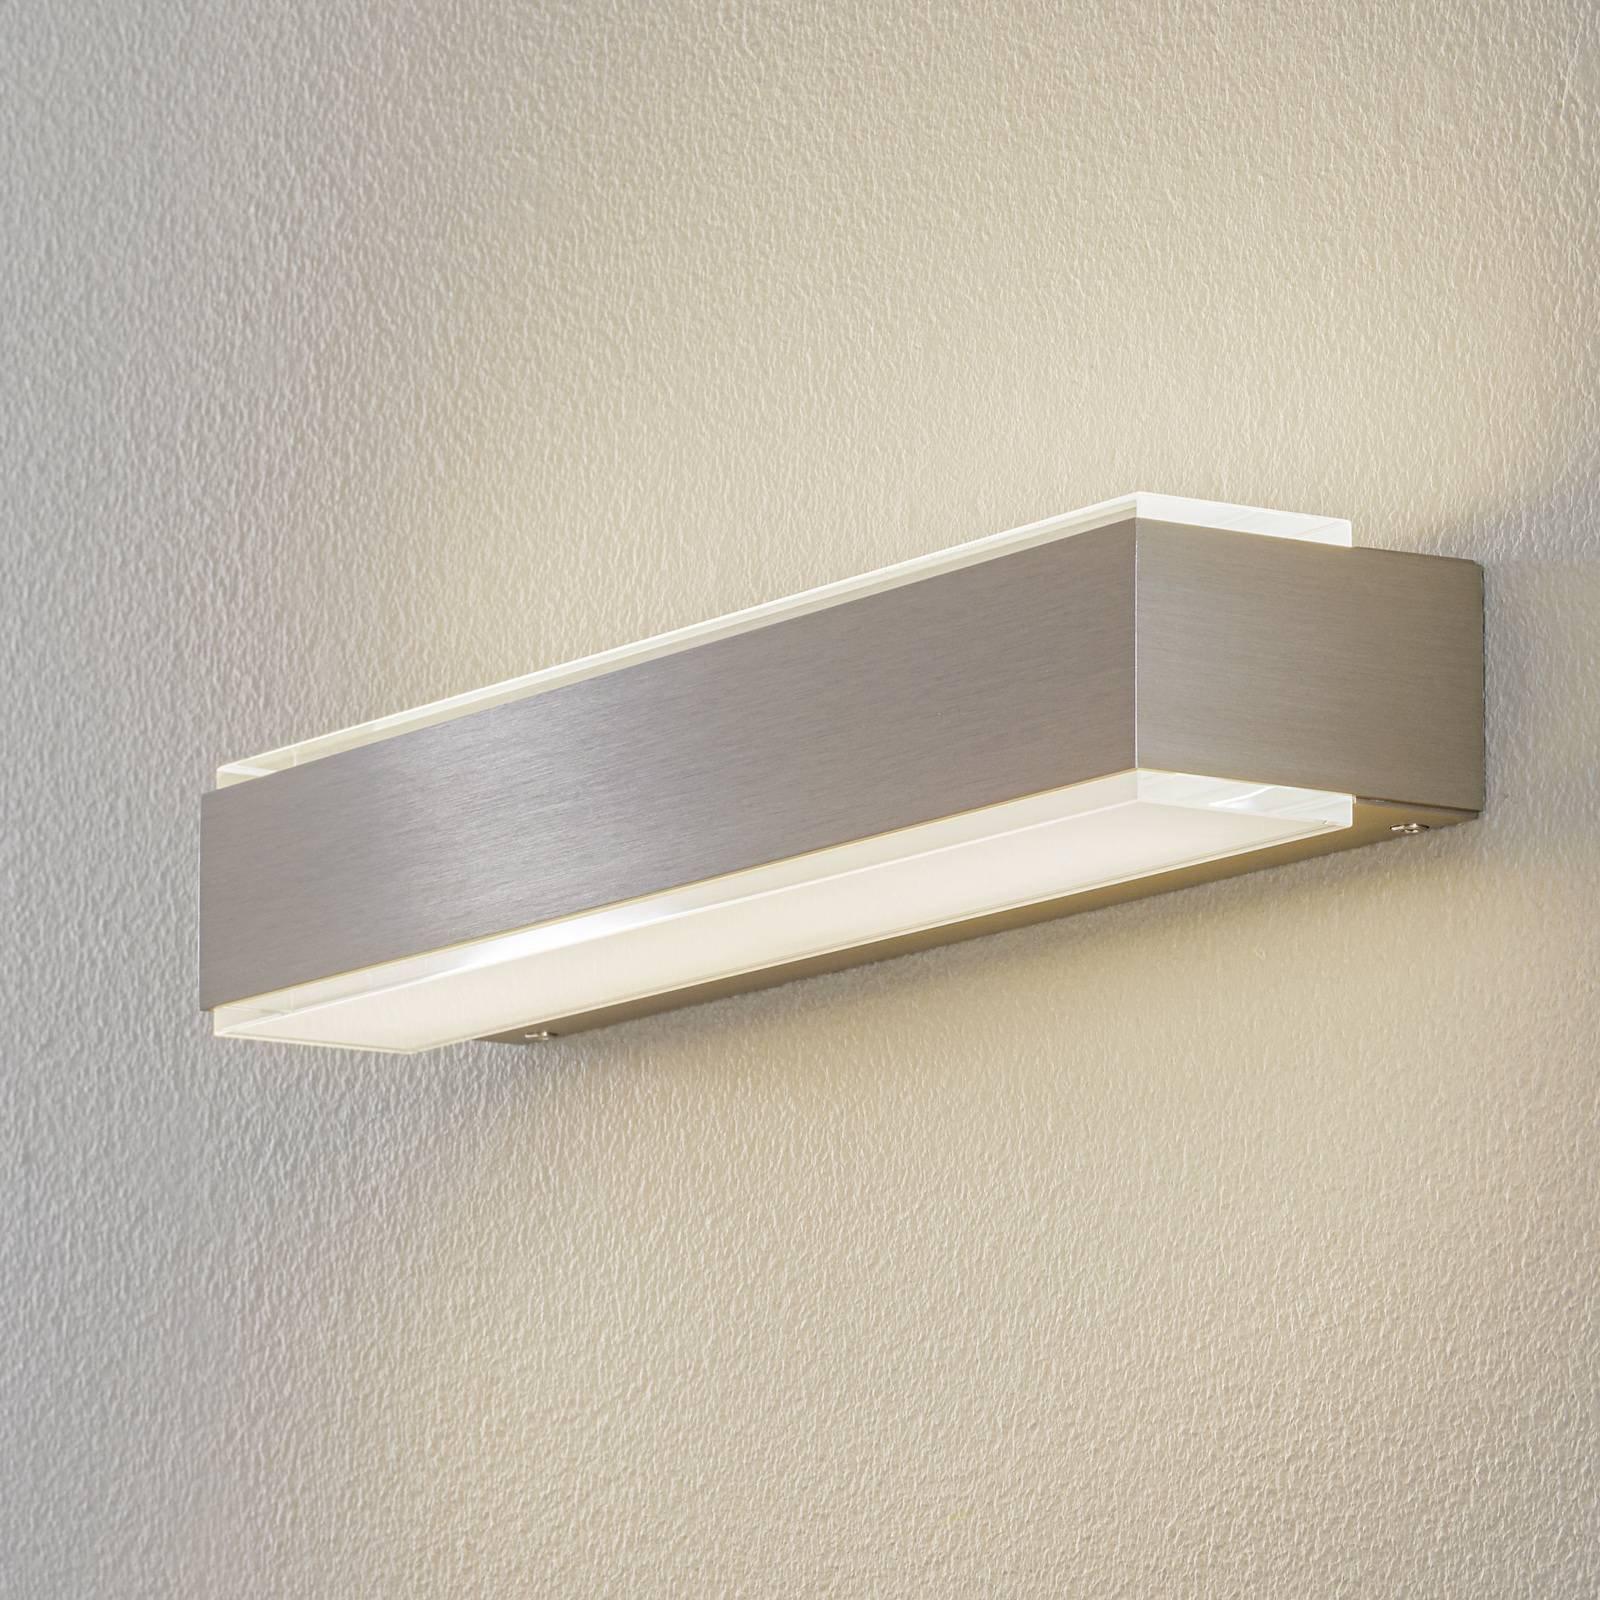 BEGA 78625 LED-vegglampe 3000K 40cm rustfritt stål